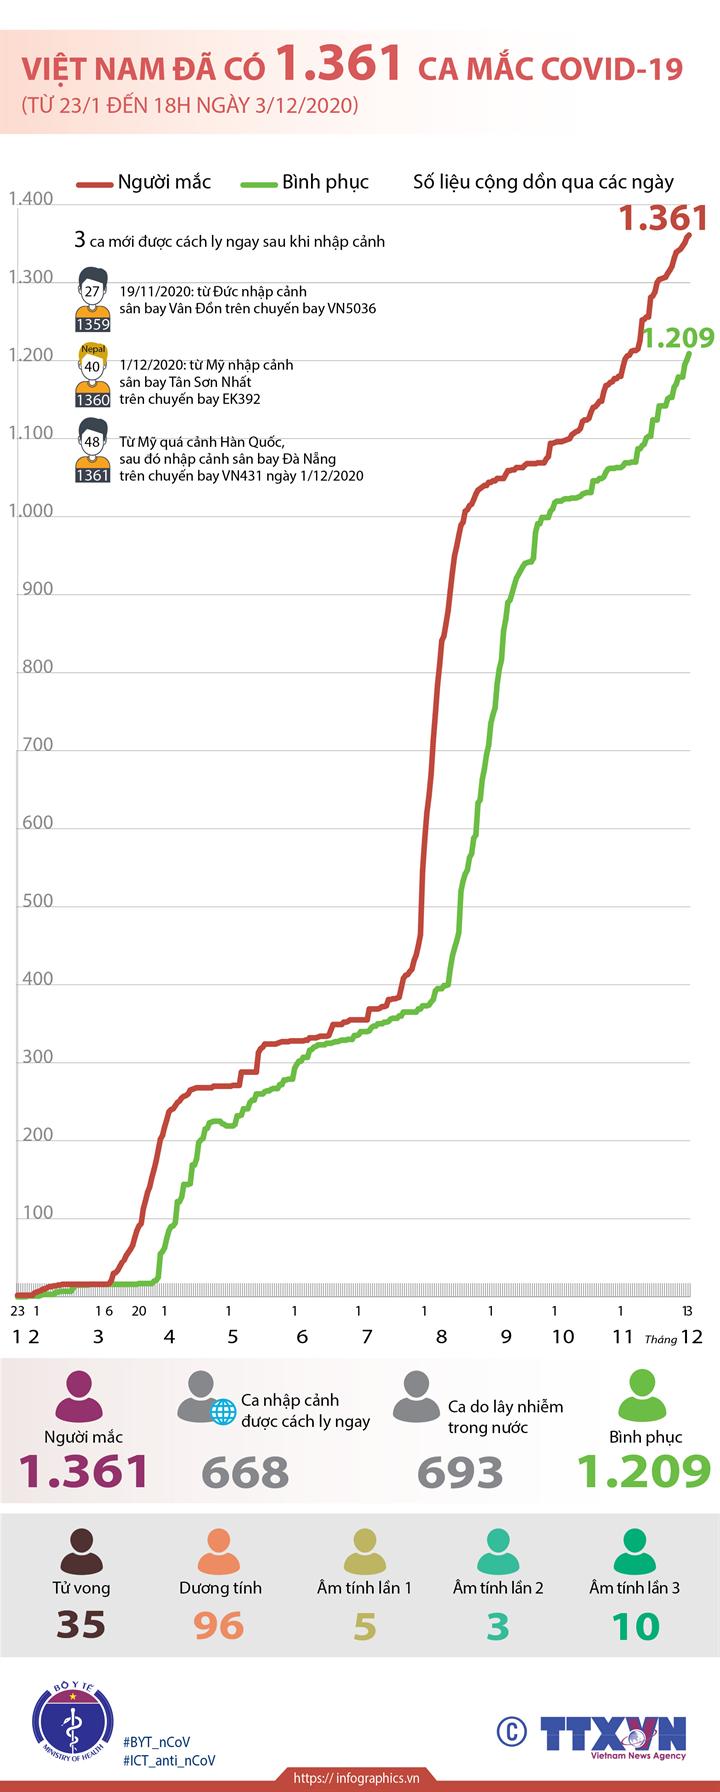 Việt Nam đã có 1.361 ca mắc COVID-19 (từ 23/1 đến 18h ngày 3/12/2020)